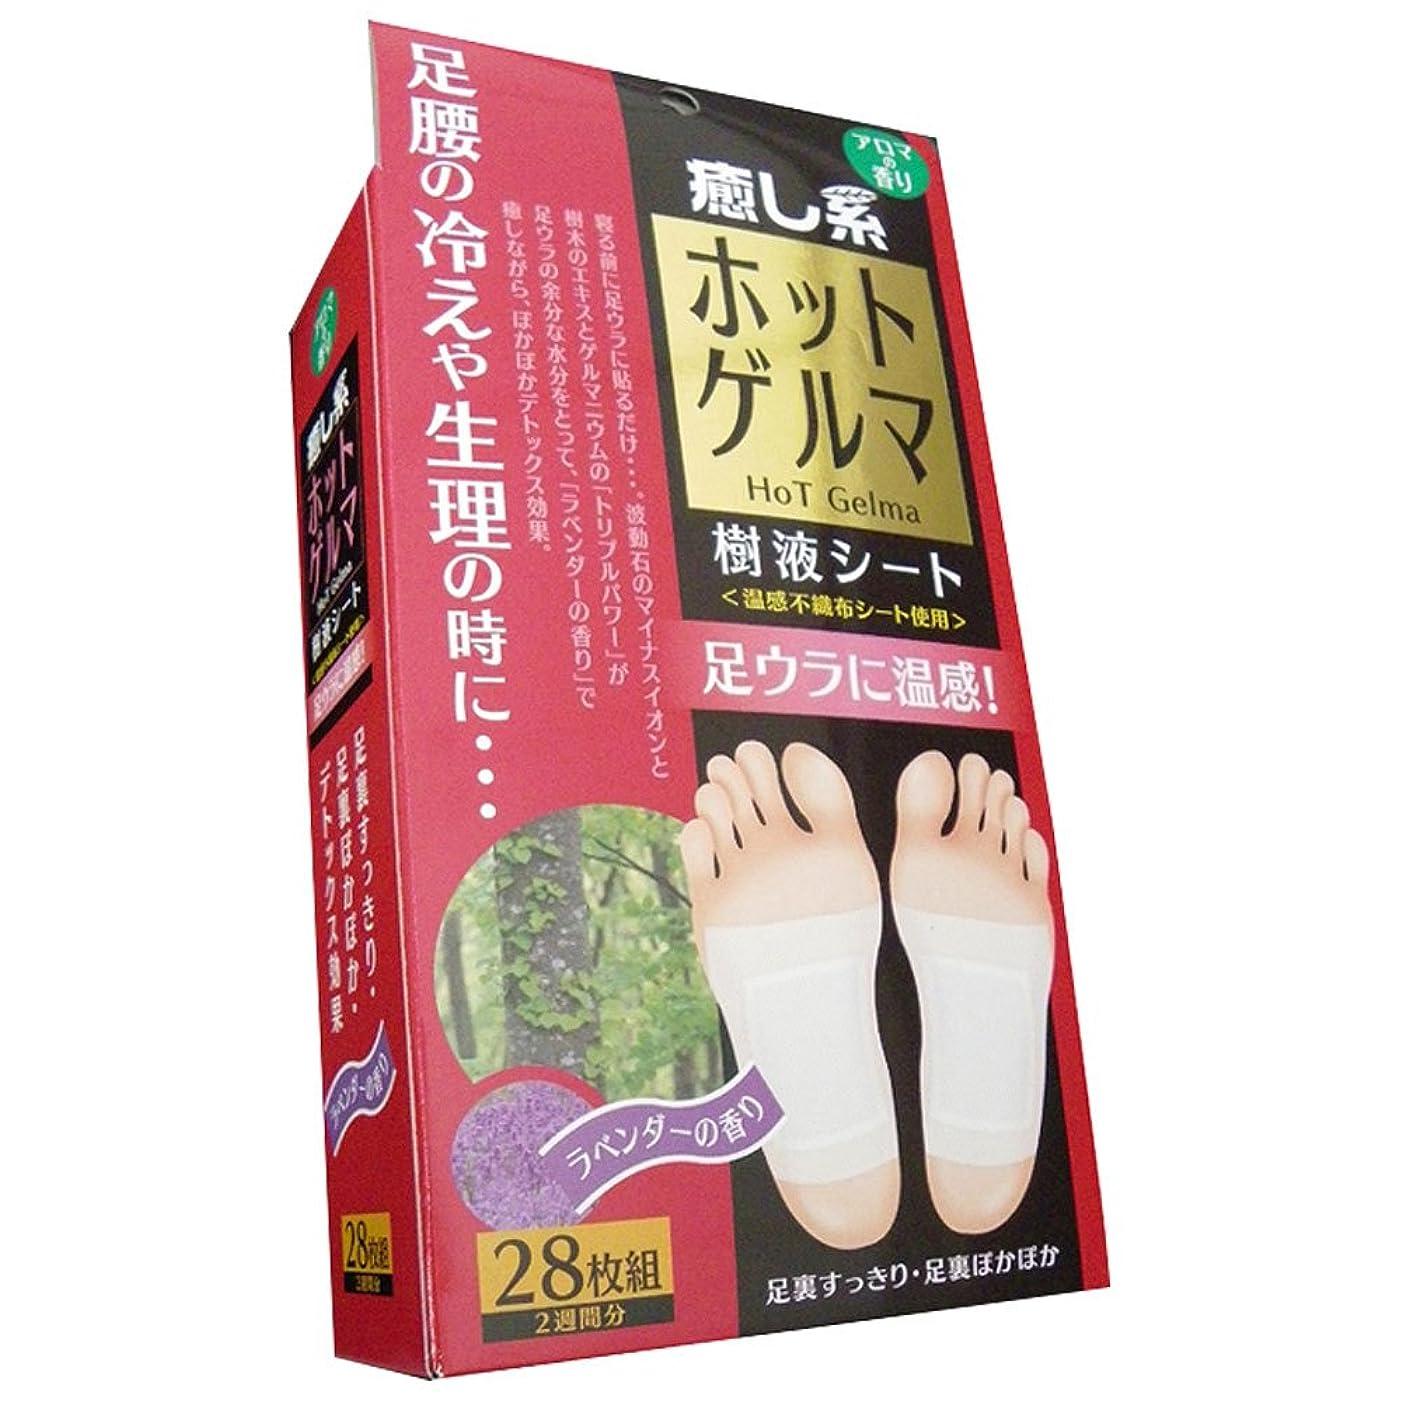 サポート隣人コンバーチブル日本製 HADARIKI ホットゲルマ樹液シート28枚組 2週間分 ラベンダーの香り 足 裏 樹液 シート フット ケア 足ツボ 健康 まとめ買い